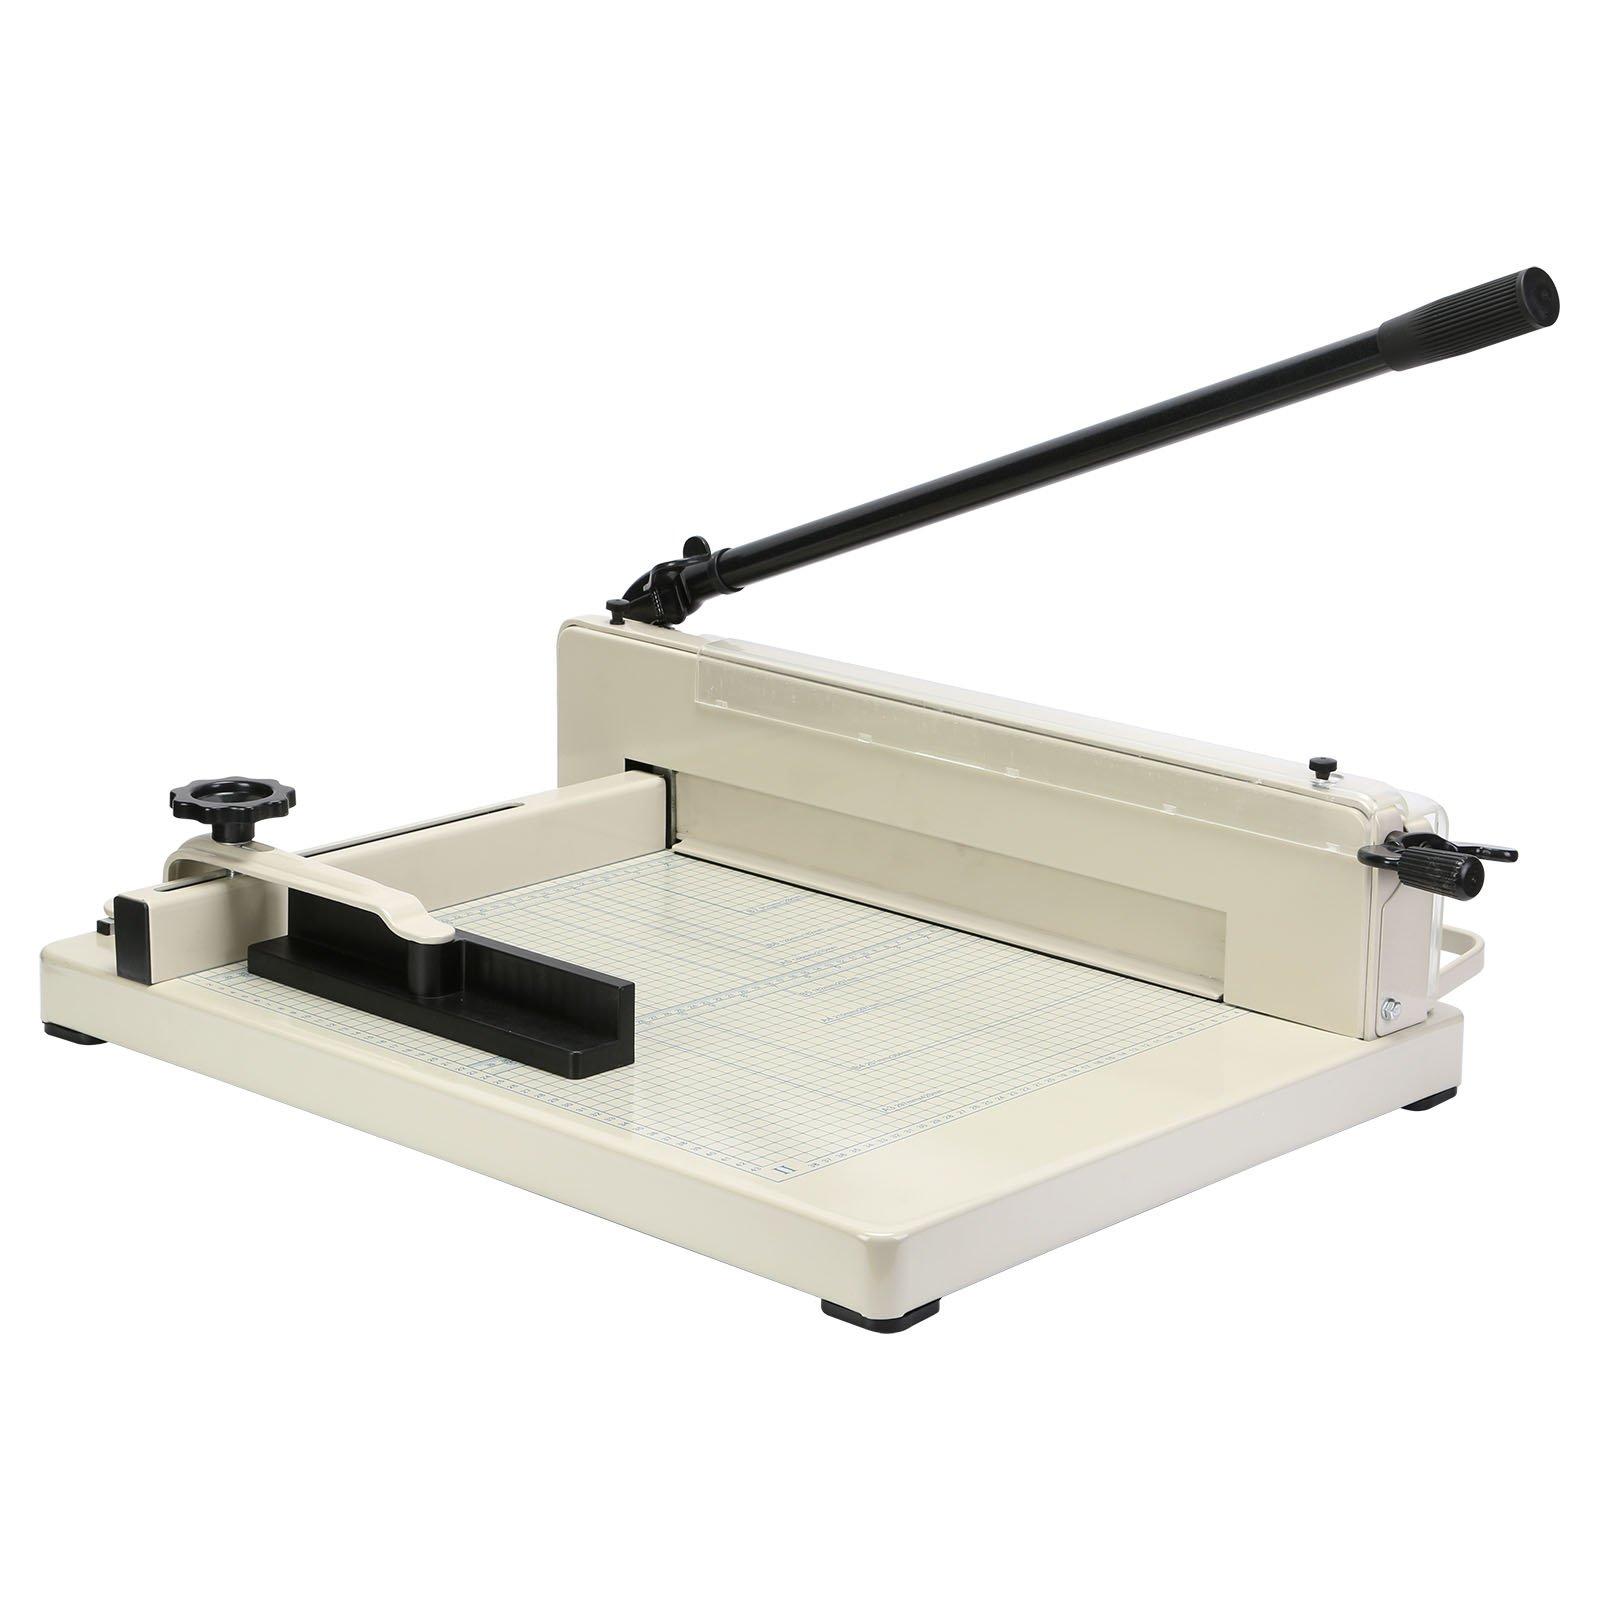 OrangeA Paper Cutter Guillotine Paper Cutter Trimmer Machine 17 Inch Heavy Duty Paper Cutting Tool (17 Inch A3 Patter Cutter) by OrangeA